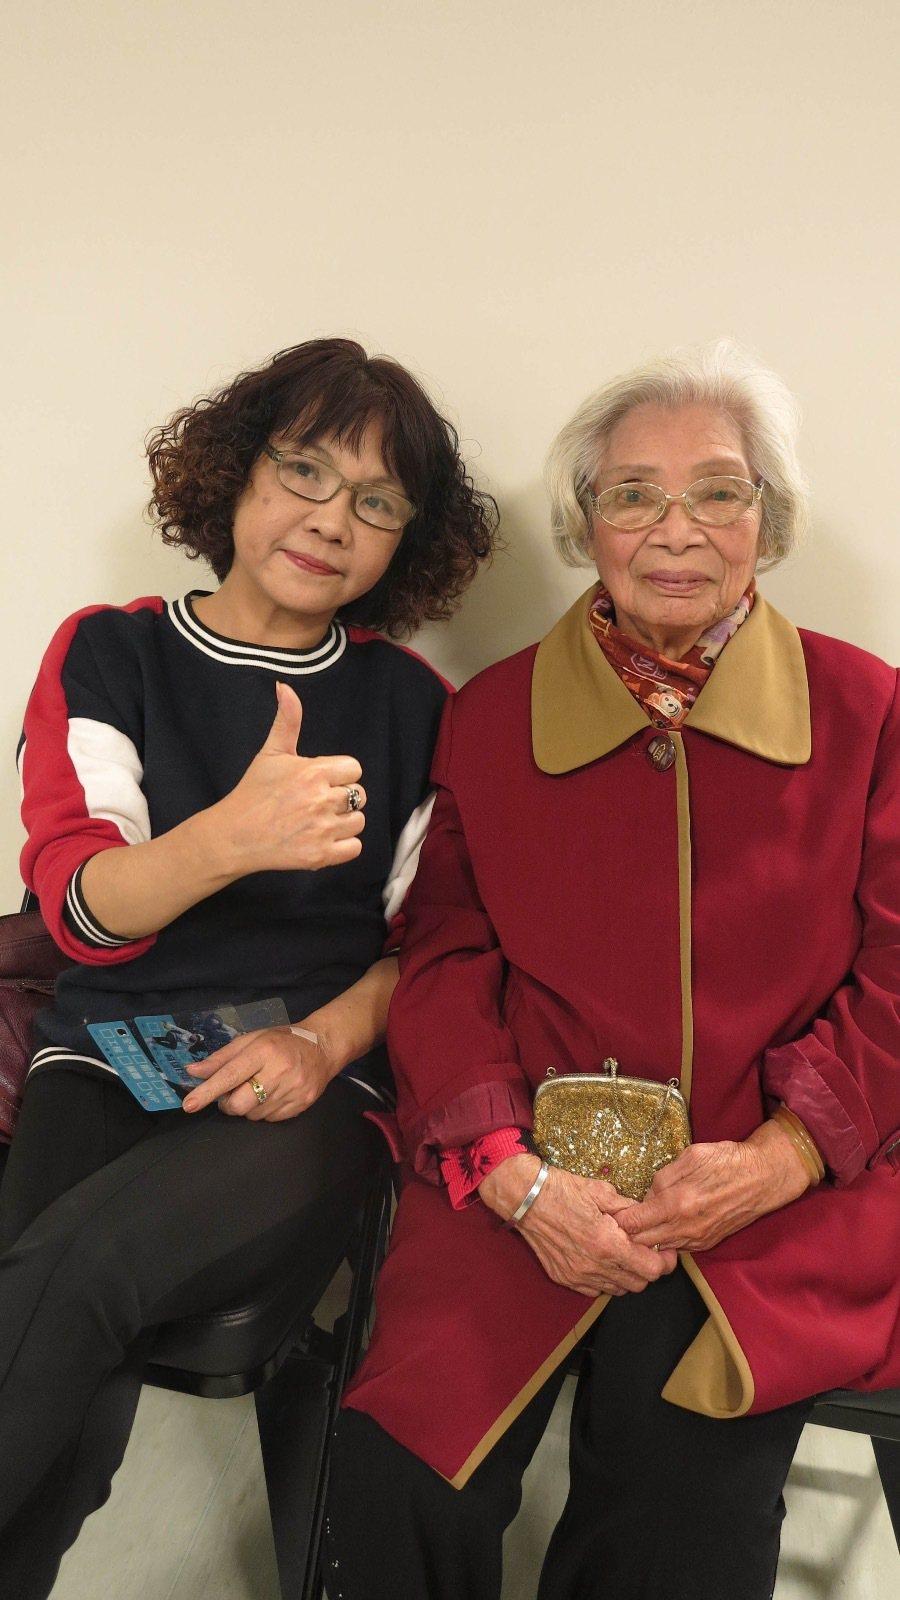 陳零九的媽媽和阿嬤也到場。圖/混血兒娛樂提供